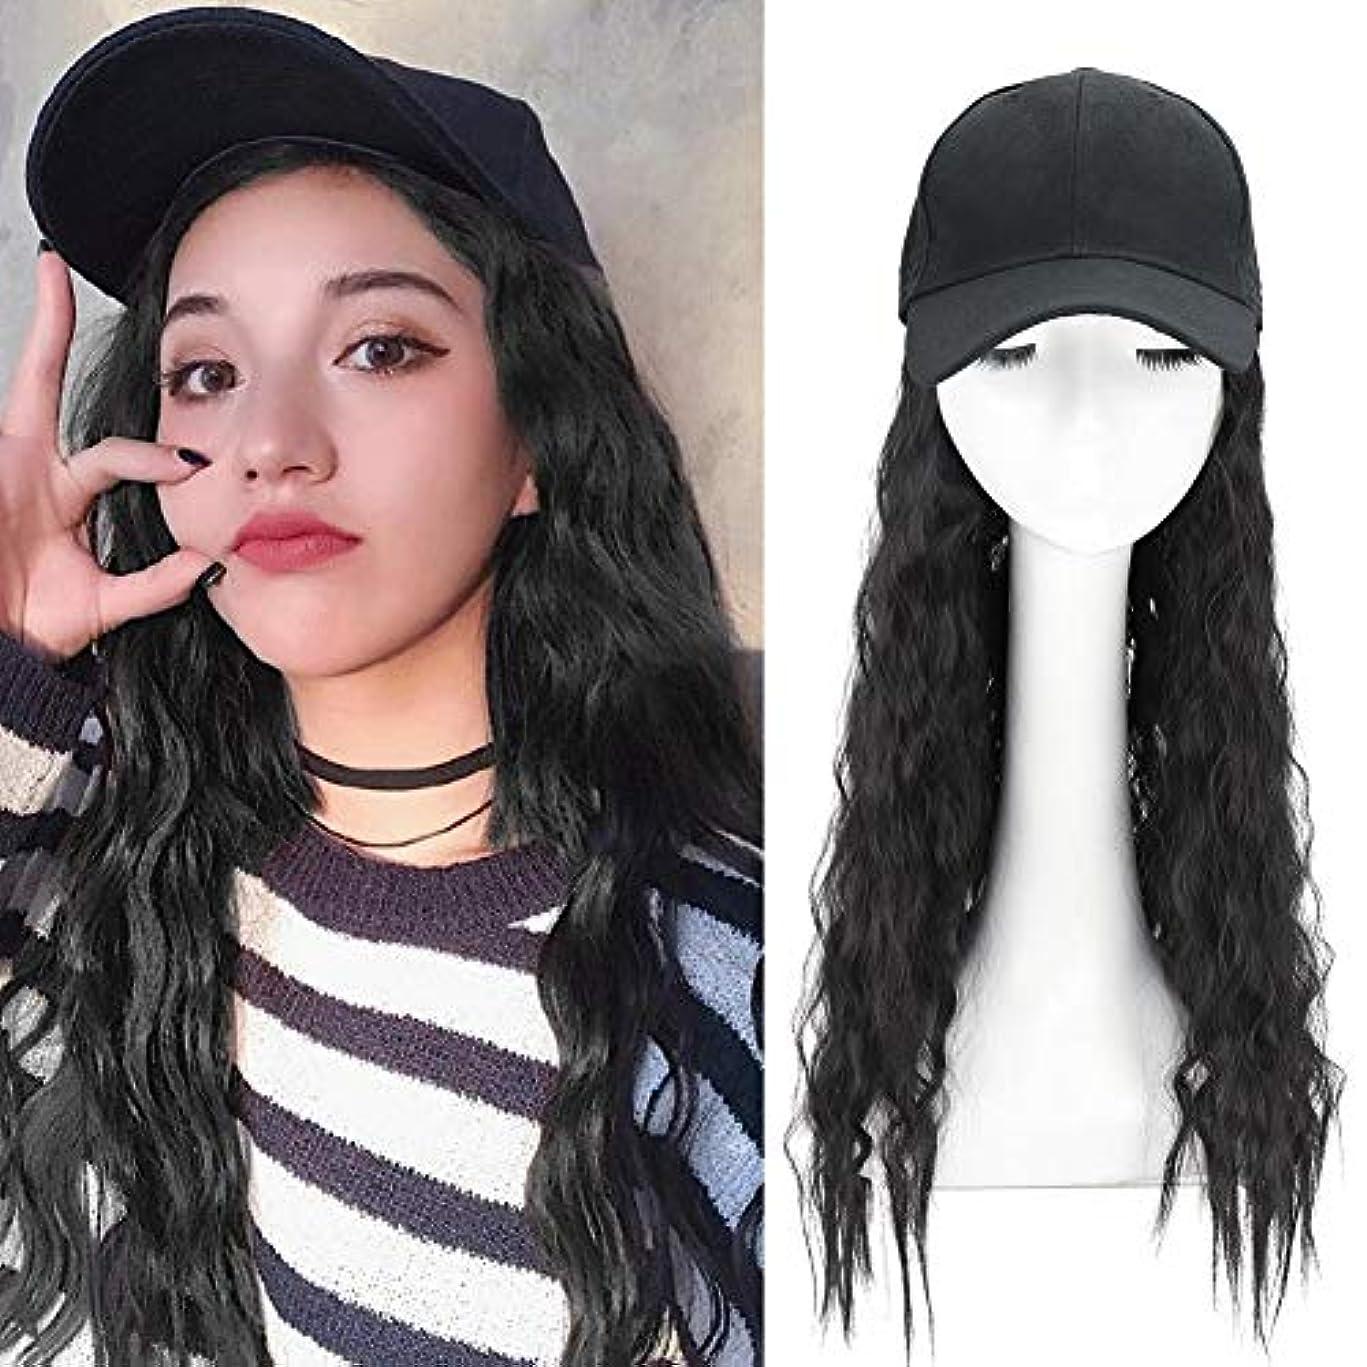 スムーズに支援する水素長い巻き毛を持つ合成長波野球帽合成毛を持つ波状かつらキャップ女の子のための髪を持つ調整可能な野球帽帽子